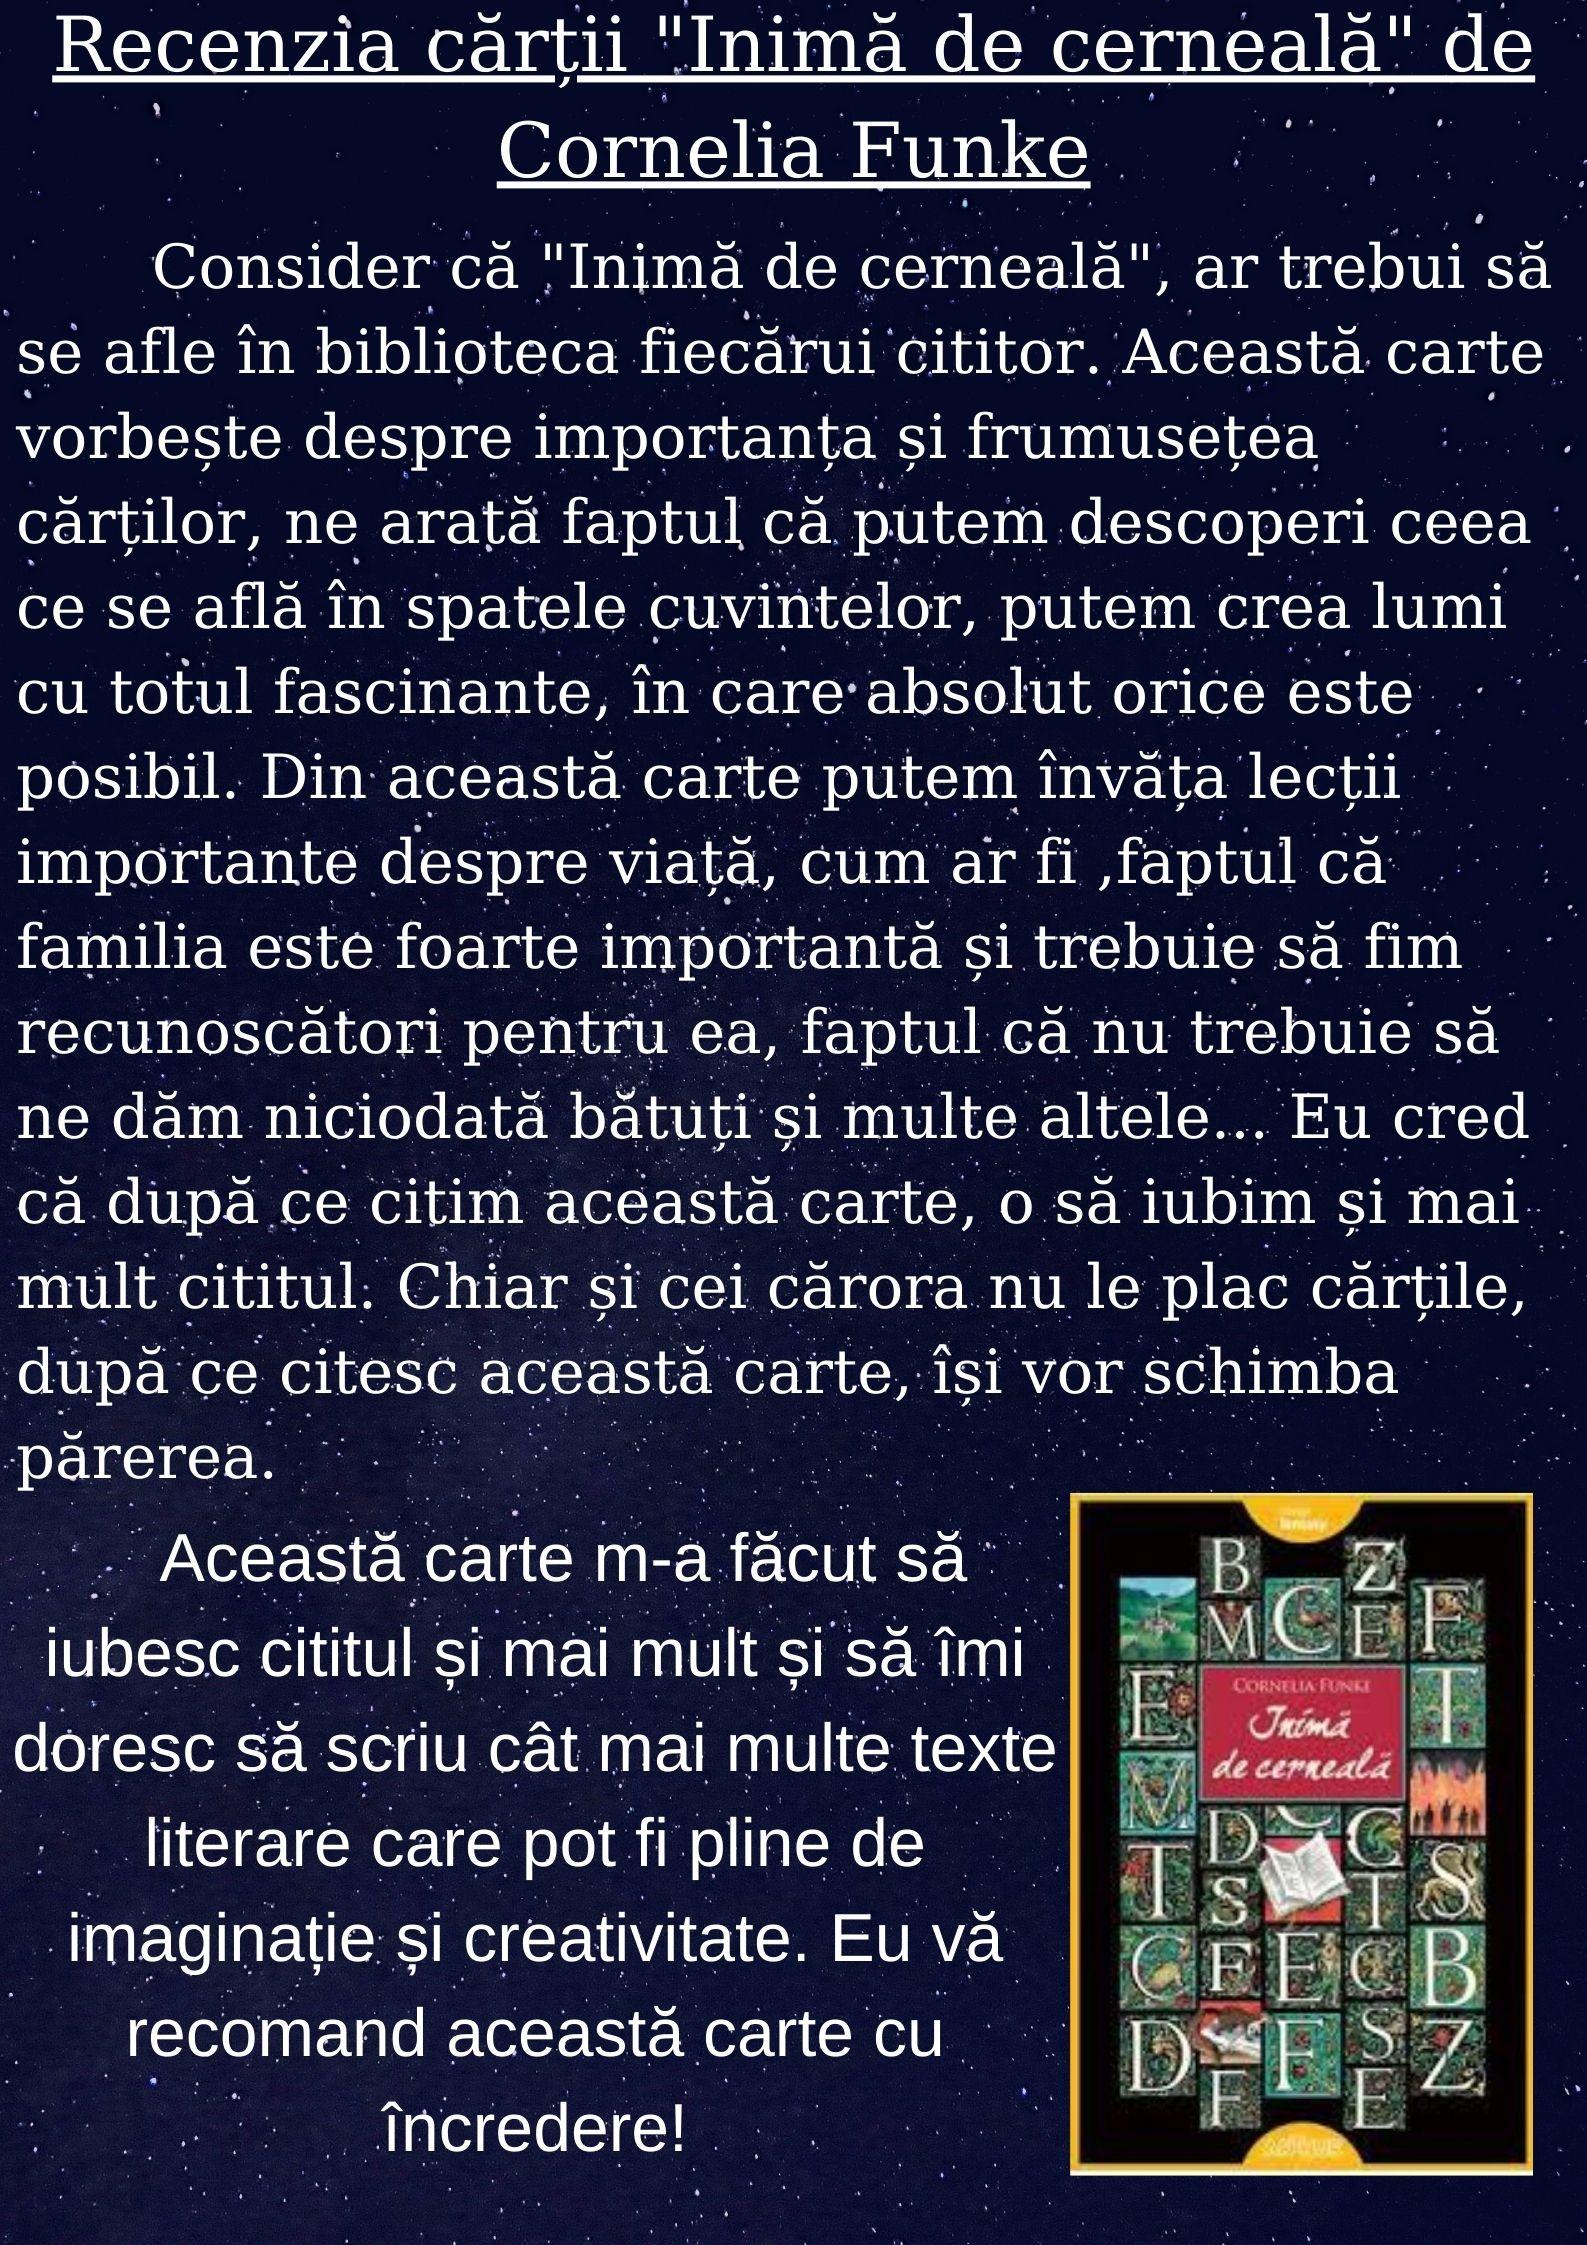 Recenzia cărții Inimă de cerneală de Cornelia Funke (1).jpg